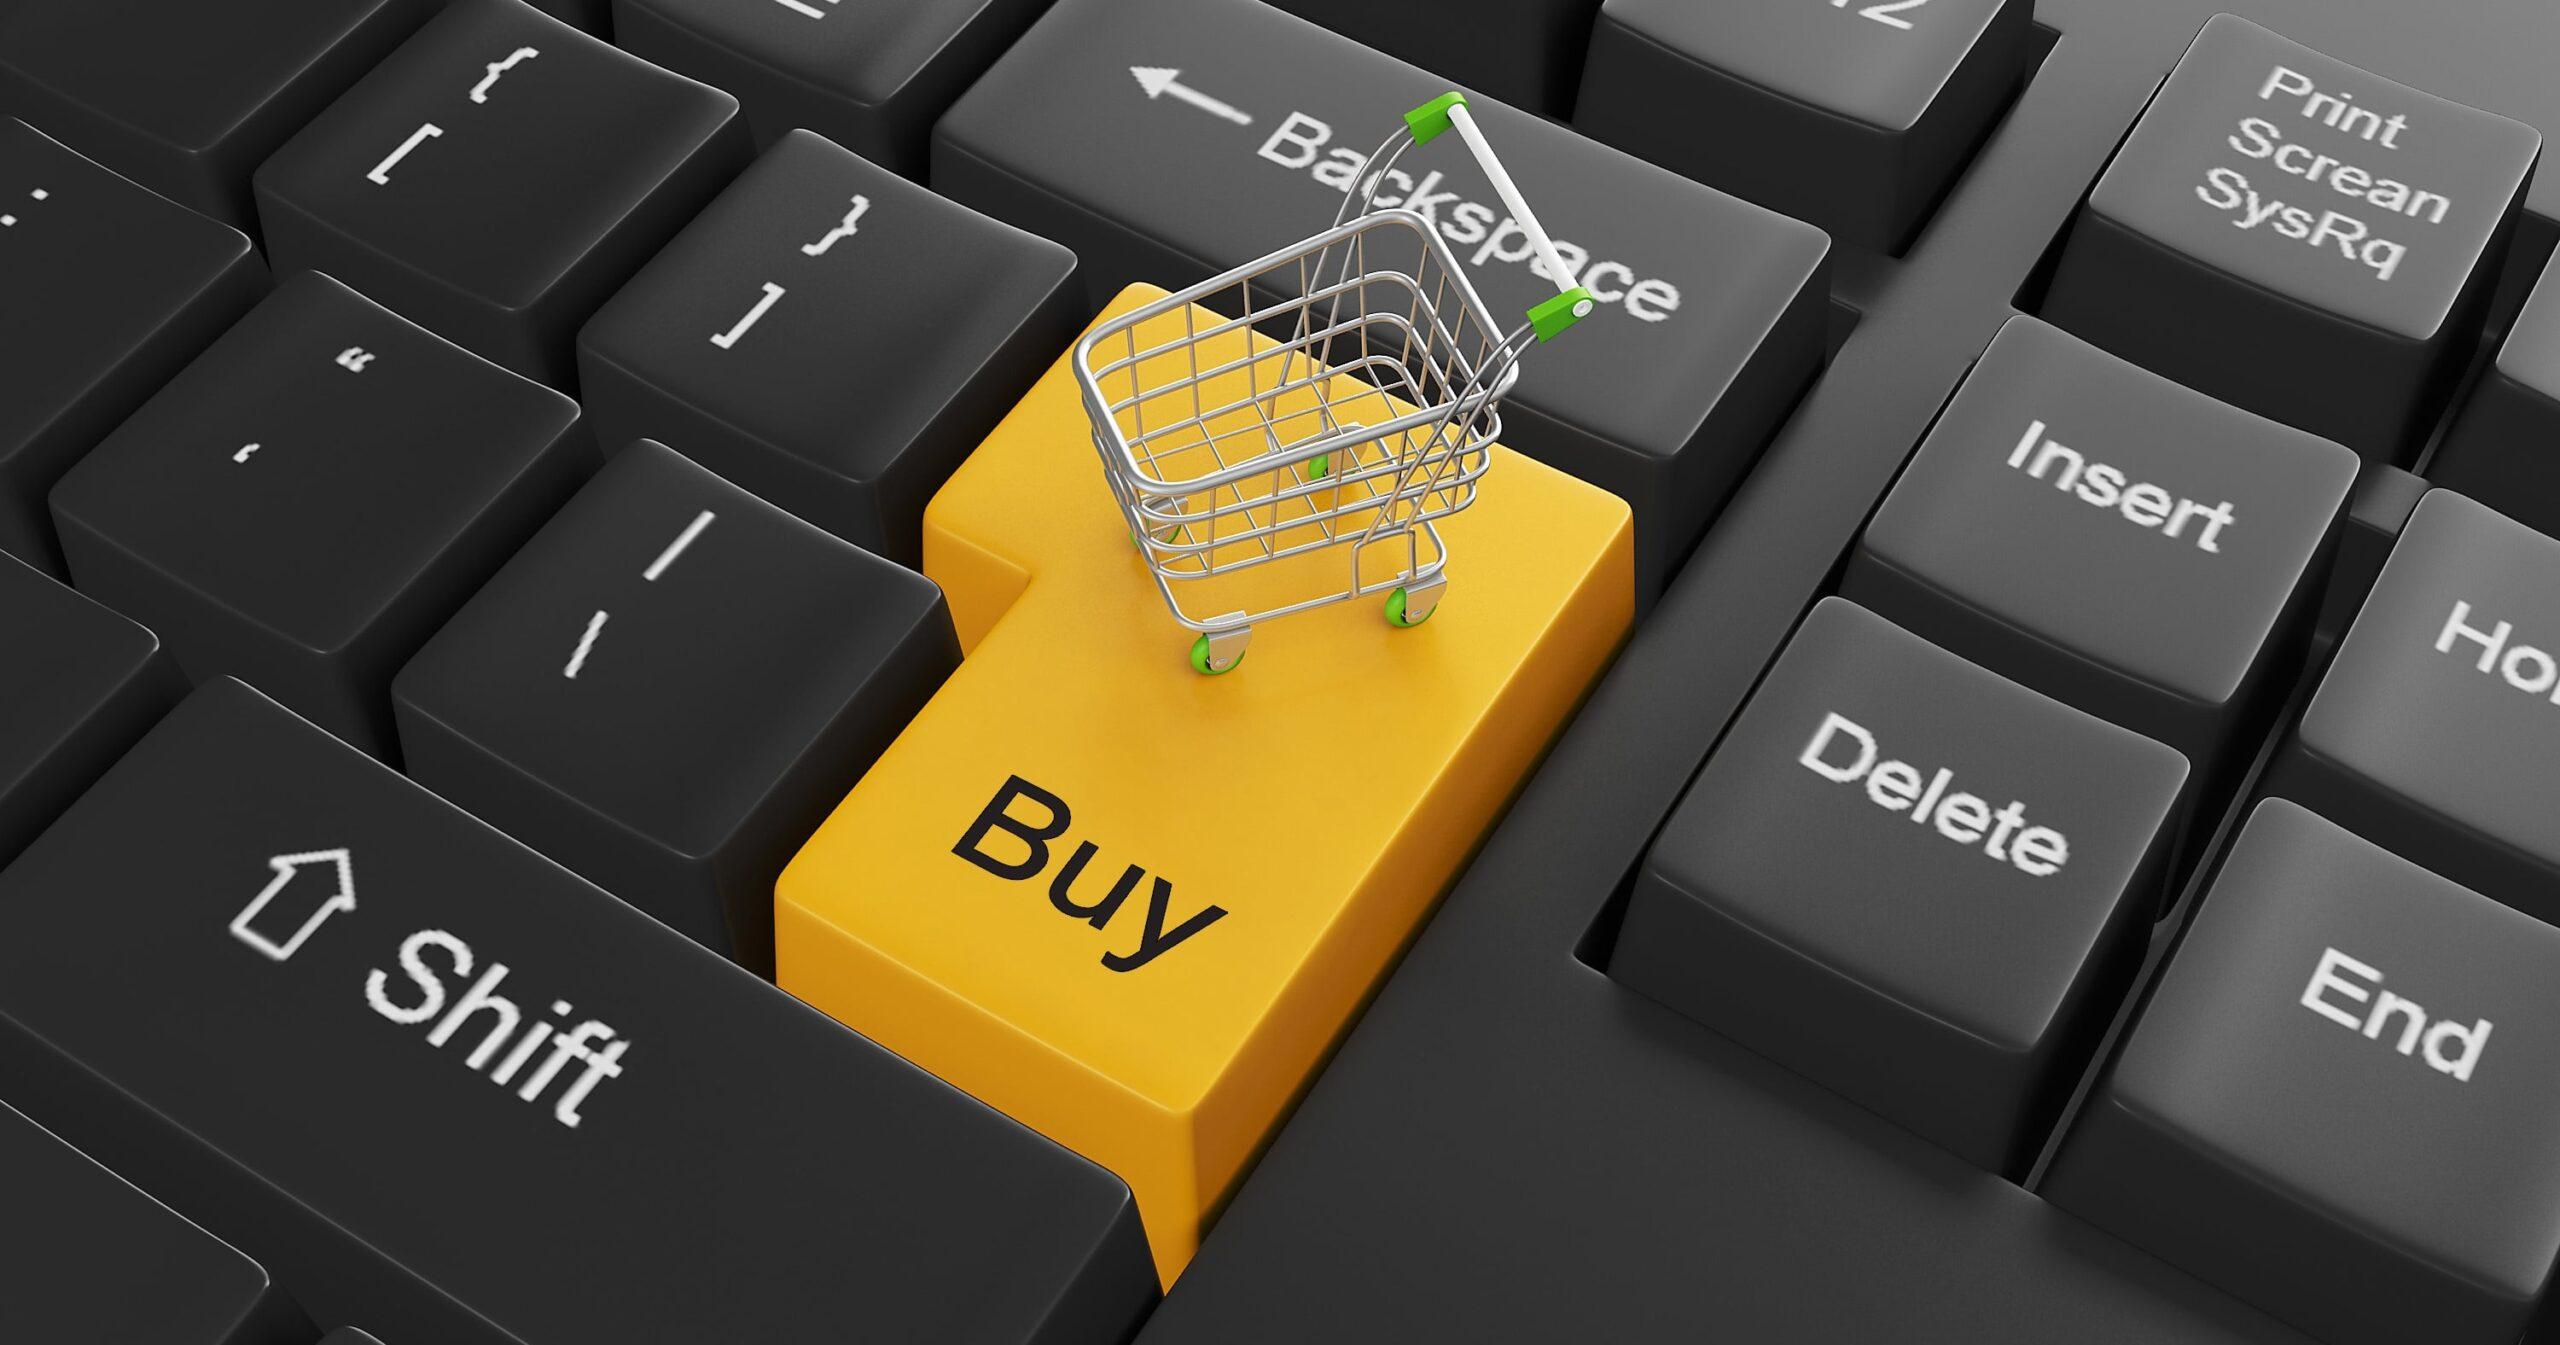 El empleo vinculado al comercio electrónico se va a disparar